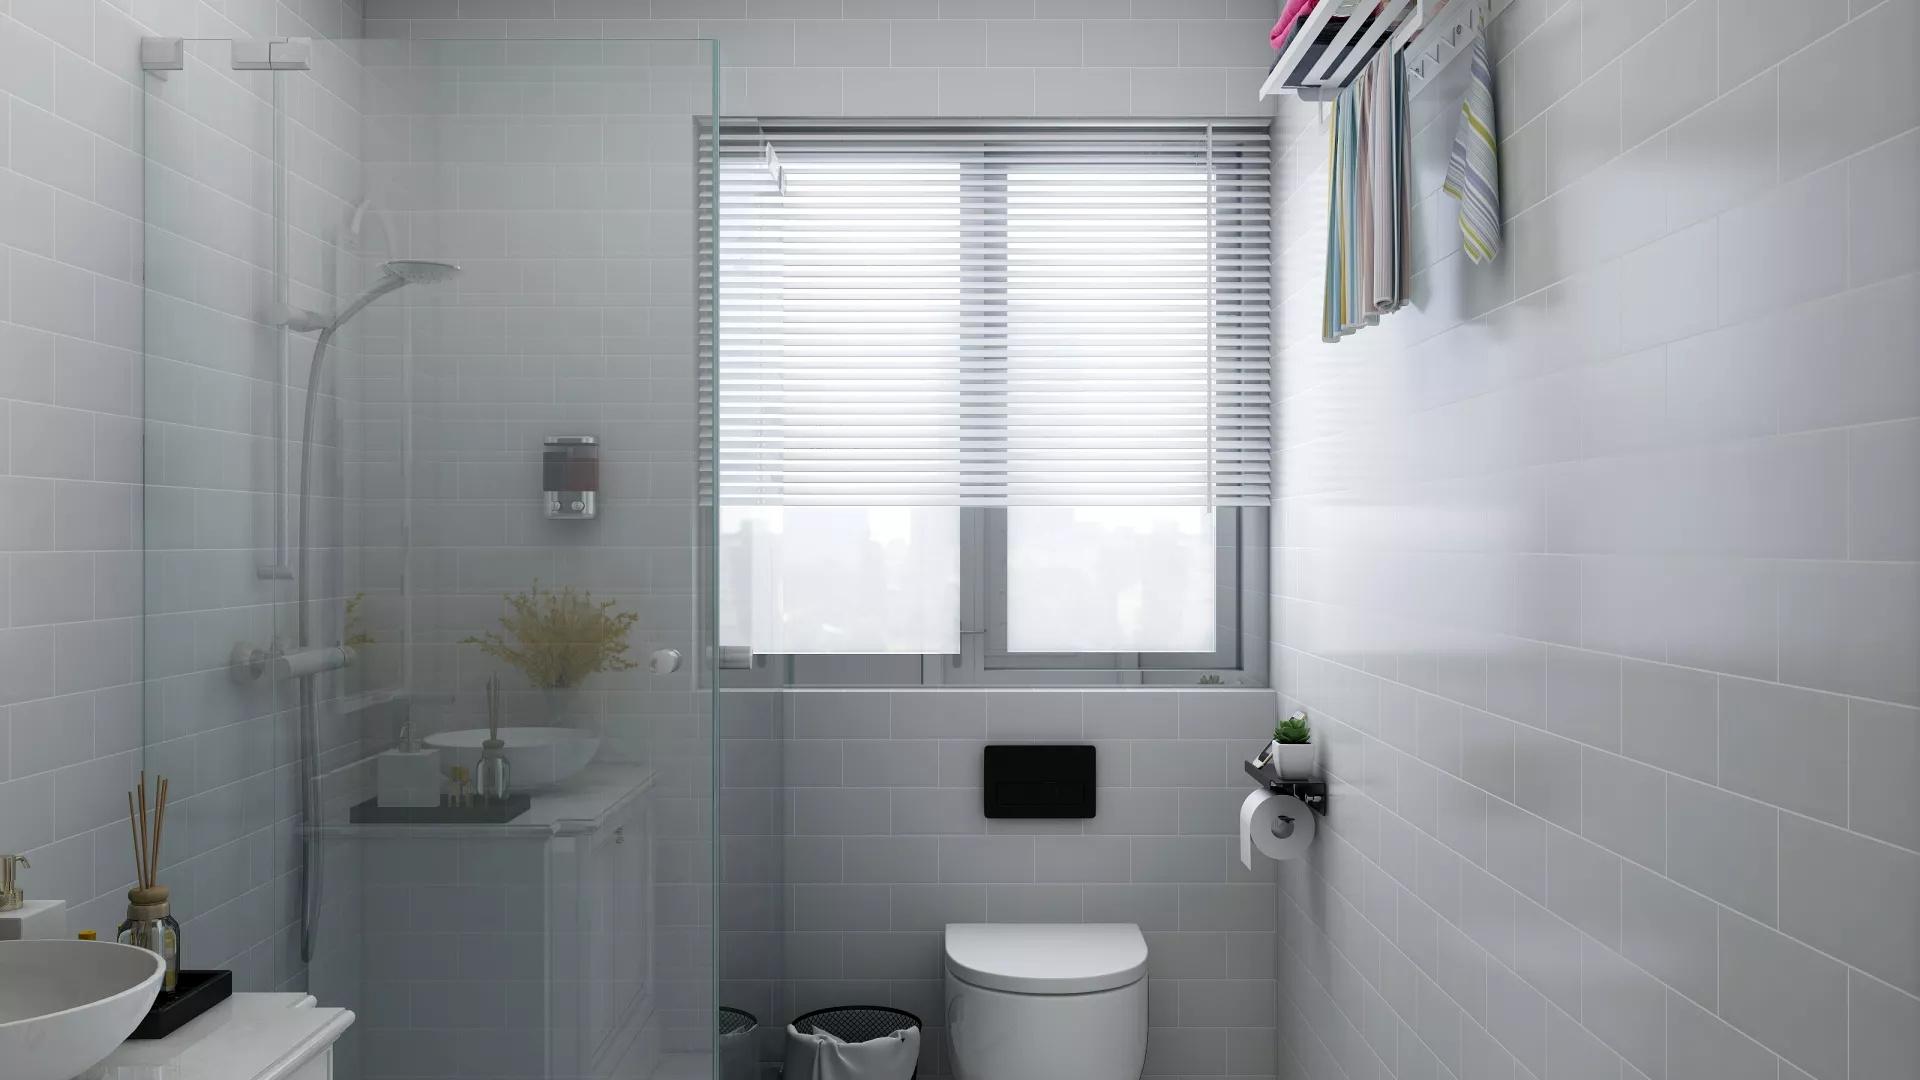 房屋裝修攻略之房屋壁燈安裝高度多少合適?